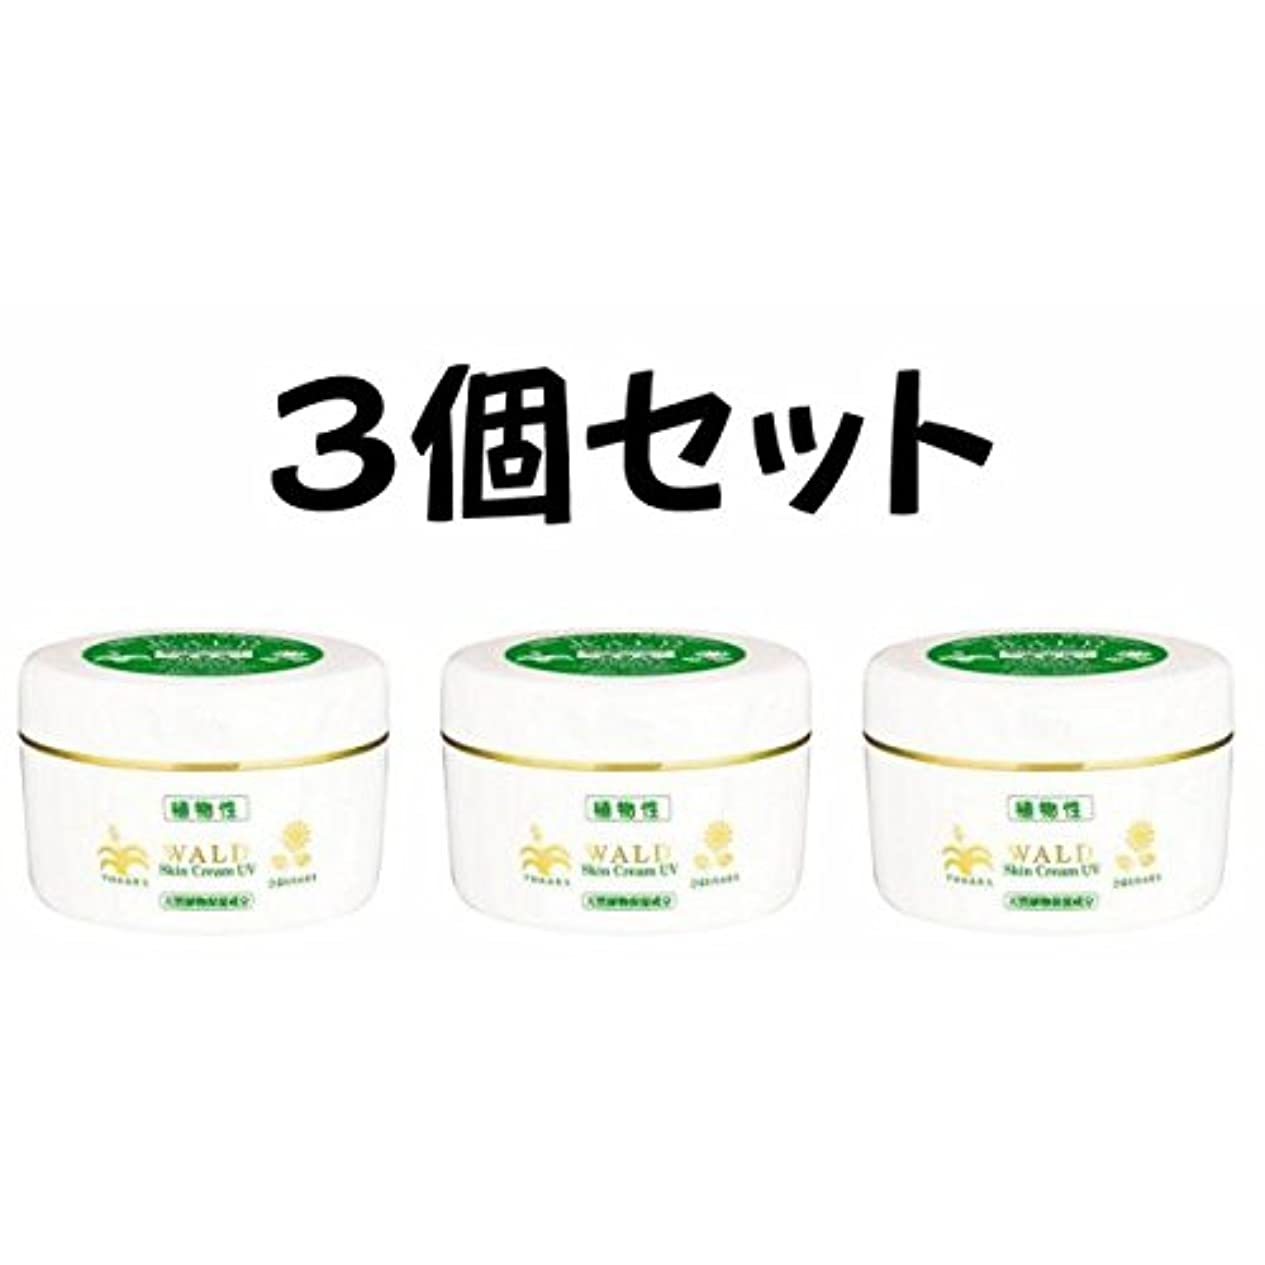 認可ほめるフィドル新 ヴァルトスキンクリーム UV (WALD Skin Cream UV) 220g (3)